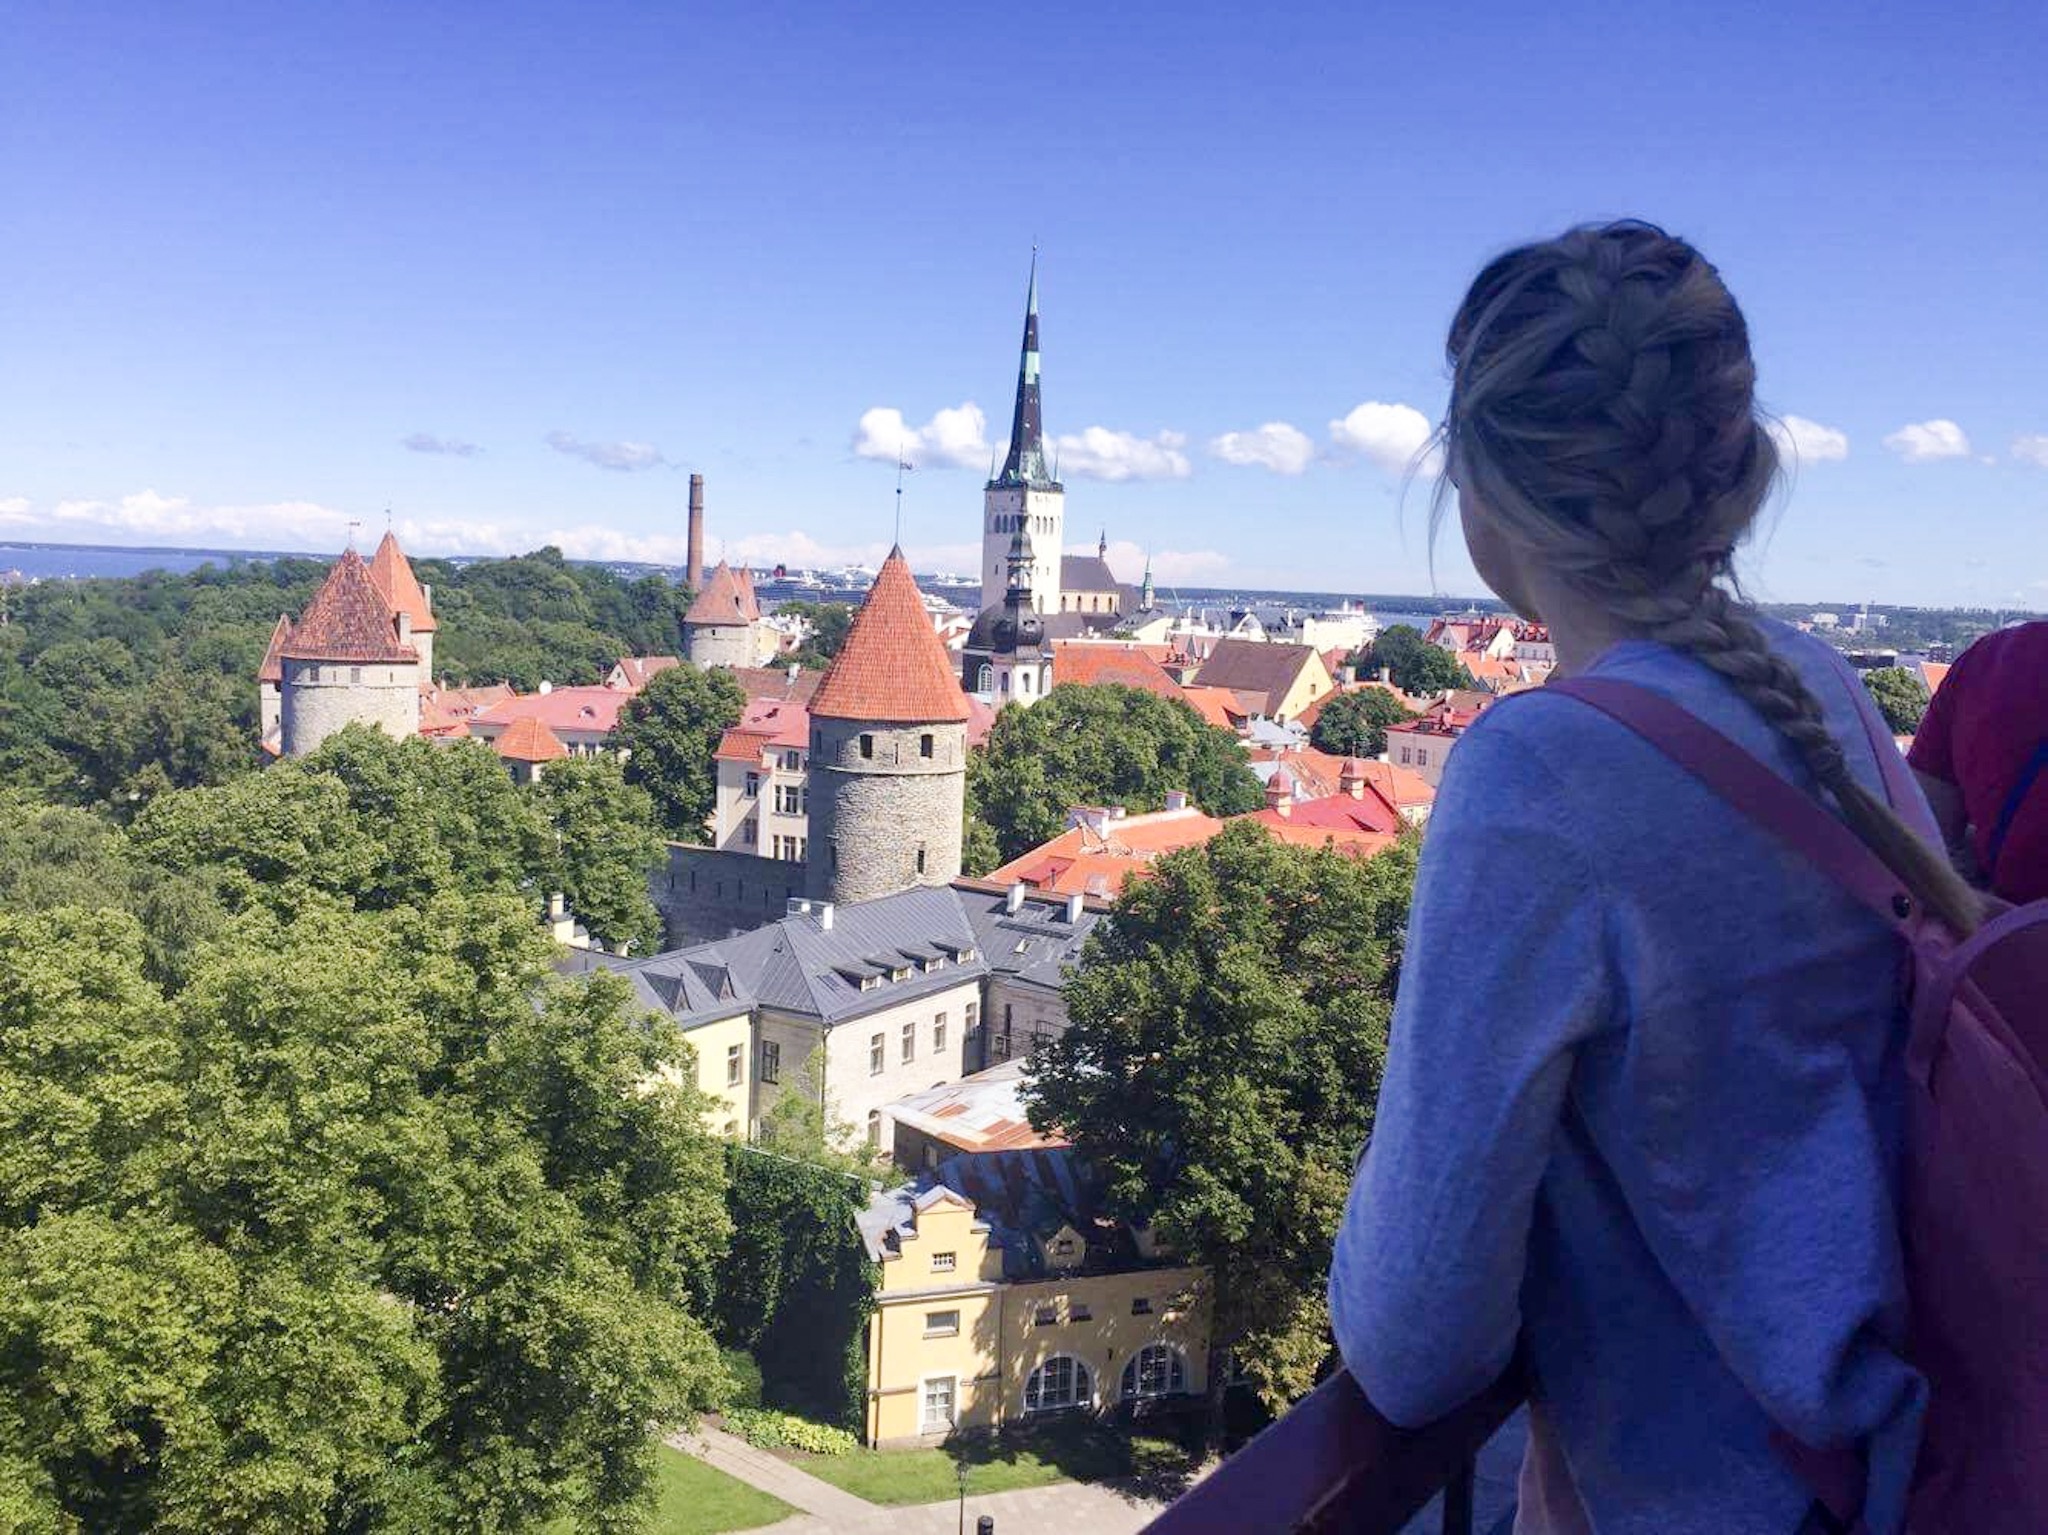 View in Tallinn, Estonia